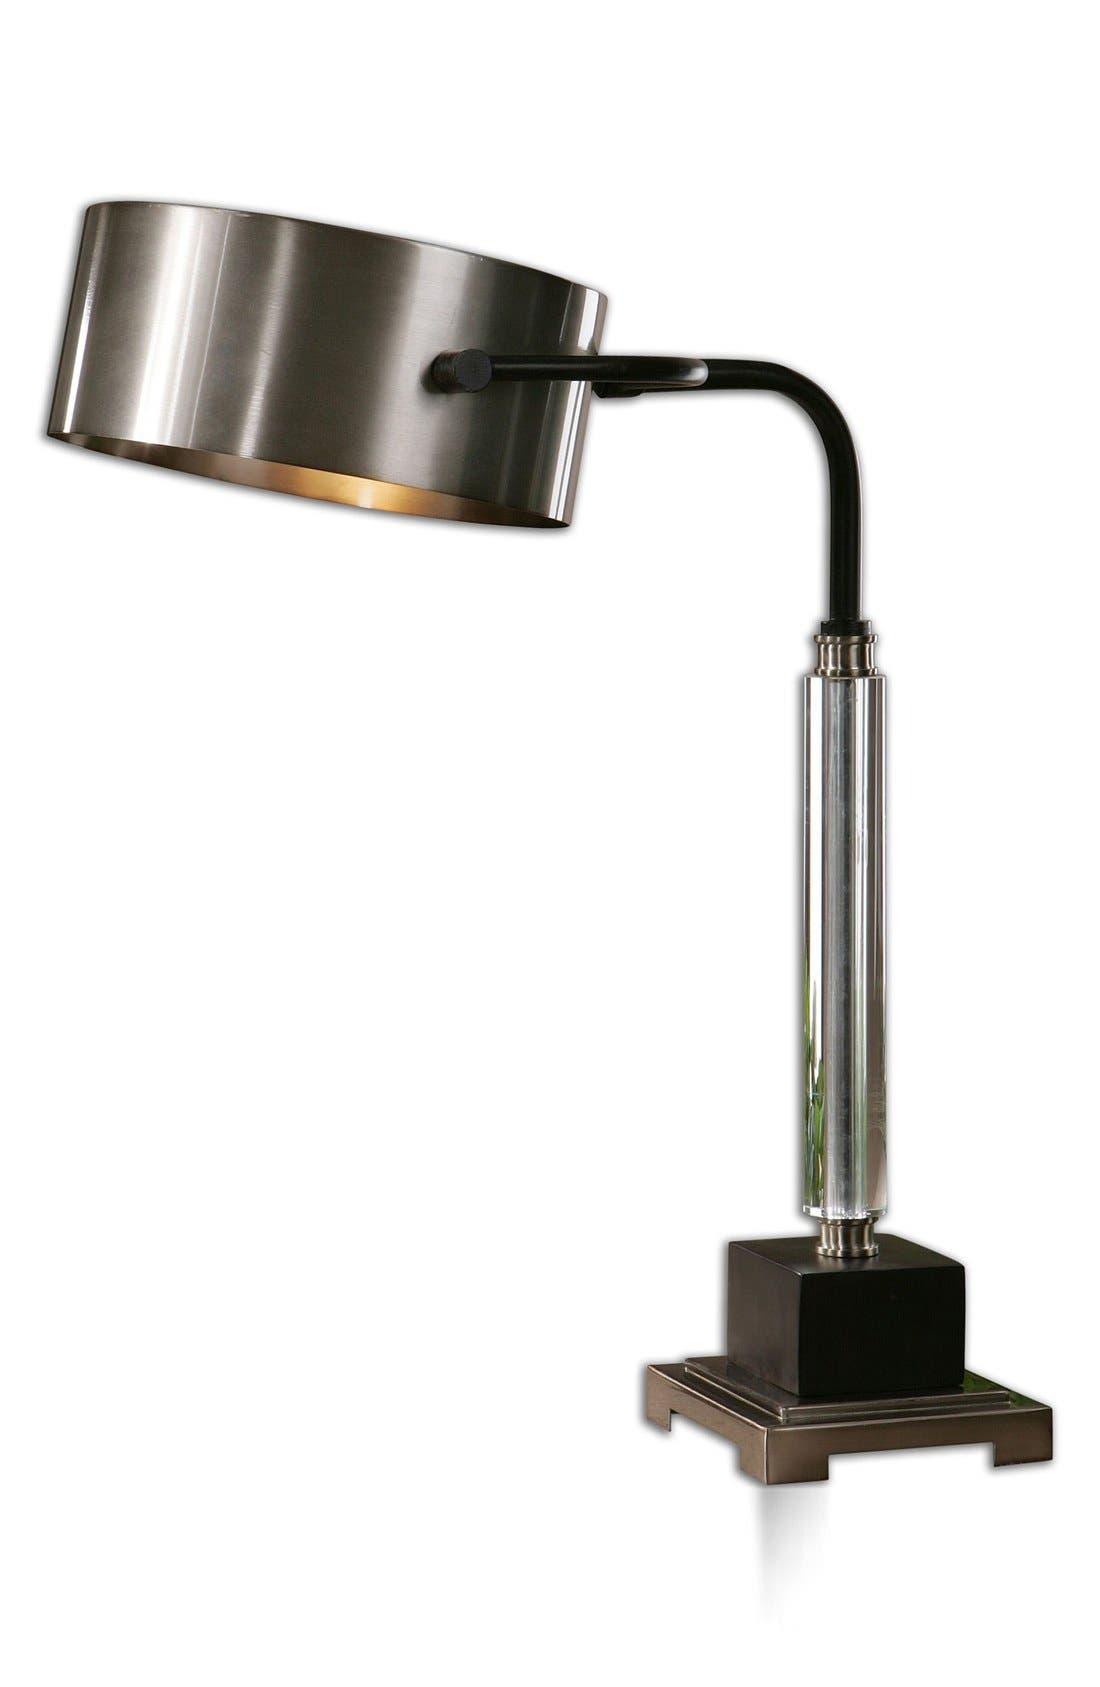 Alternate Image 1 Selected - Uttermost 'Belding' Desk Lamp